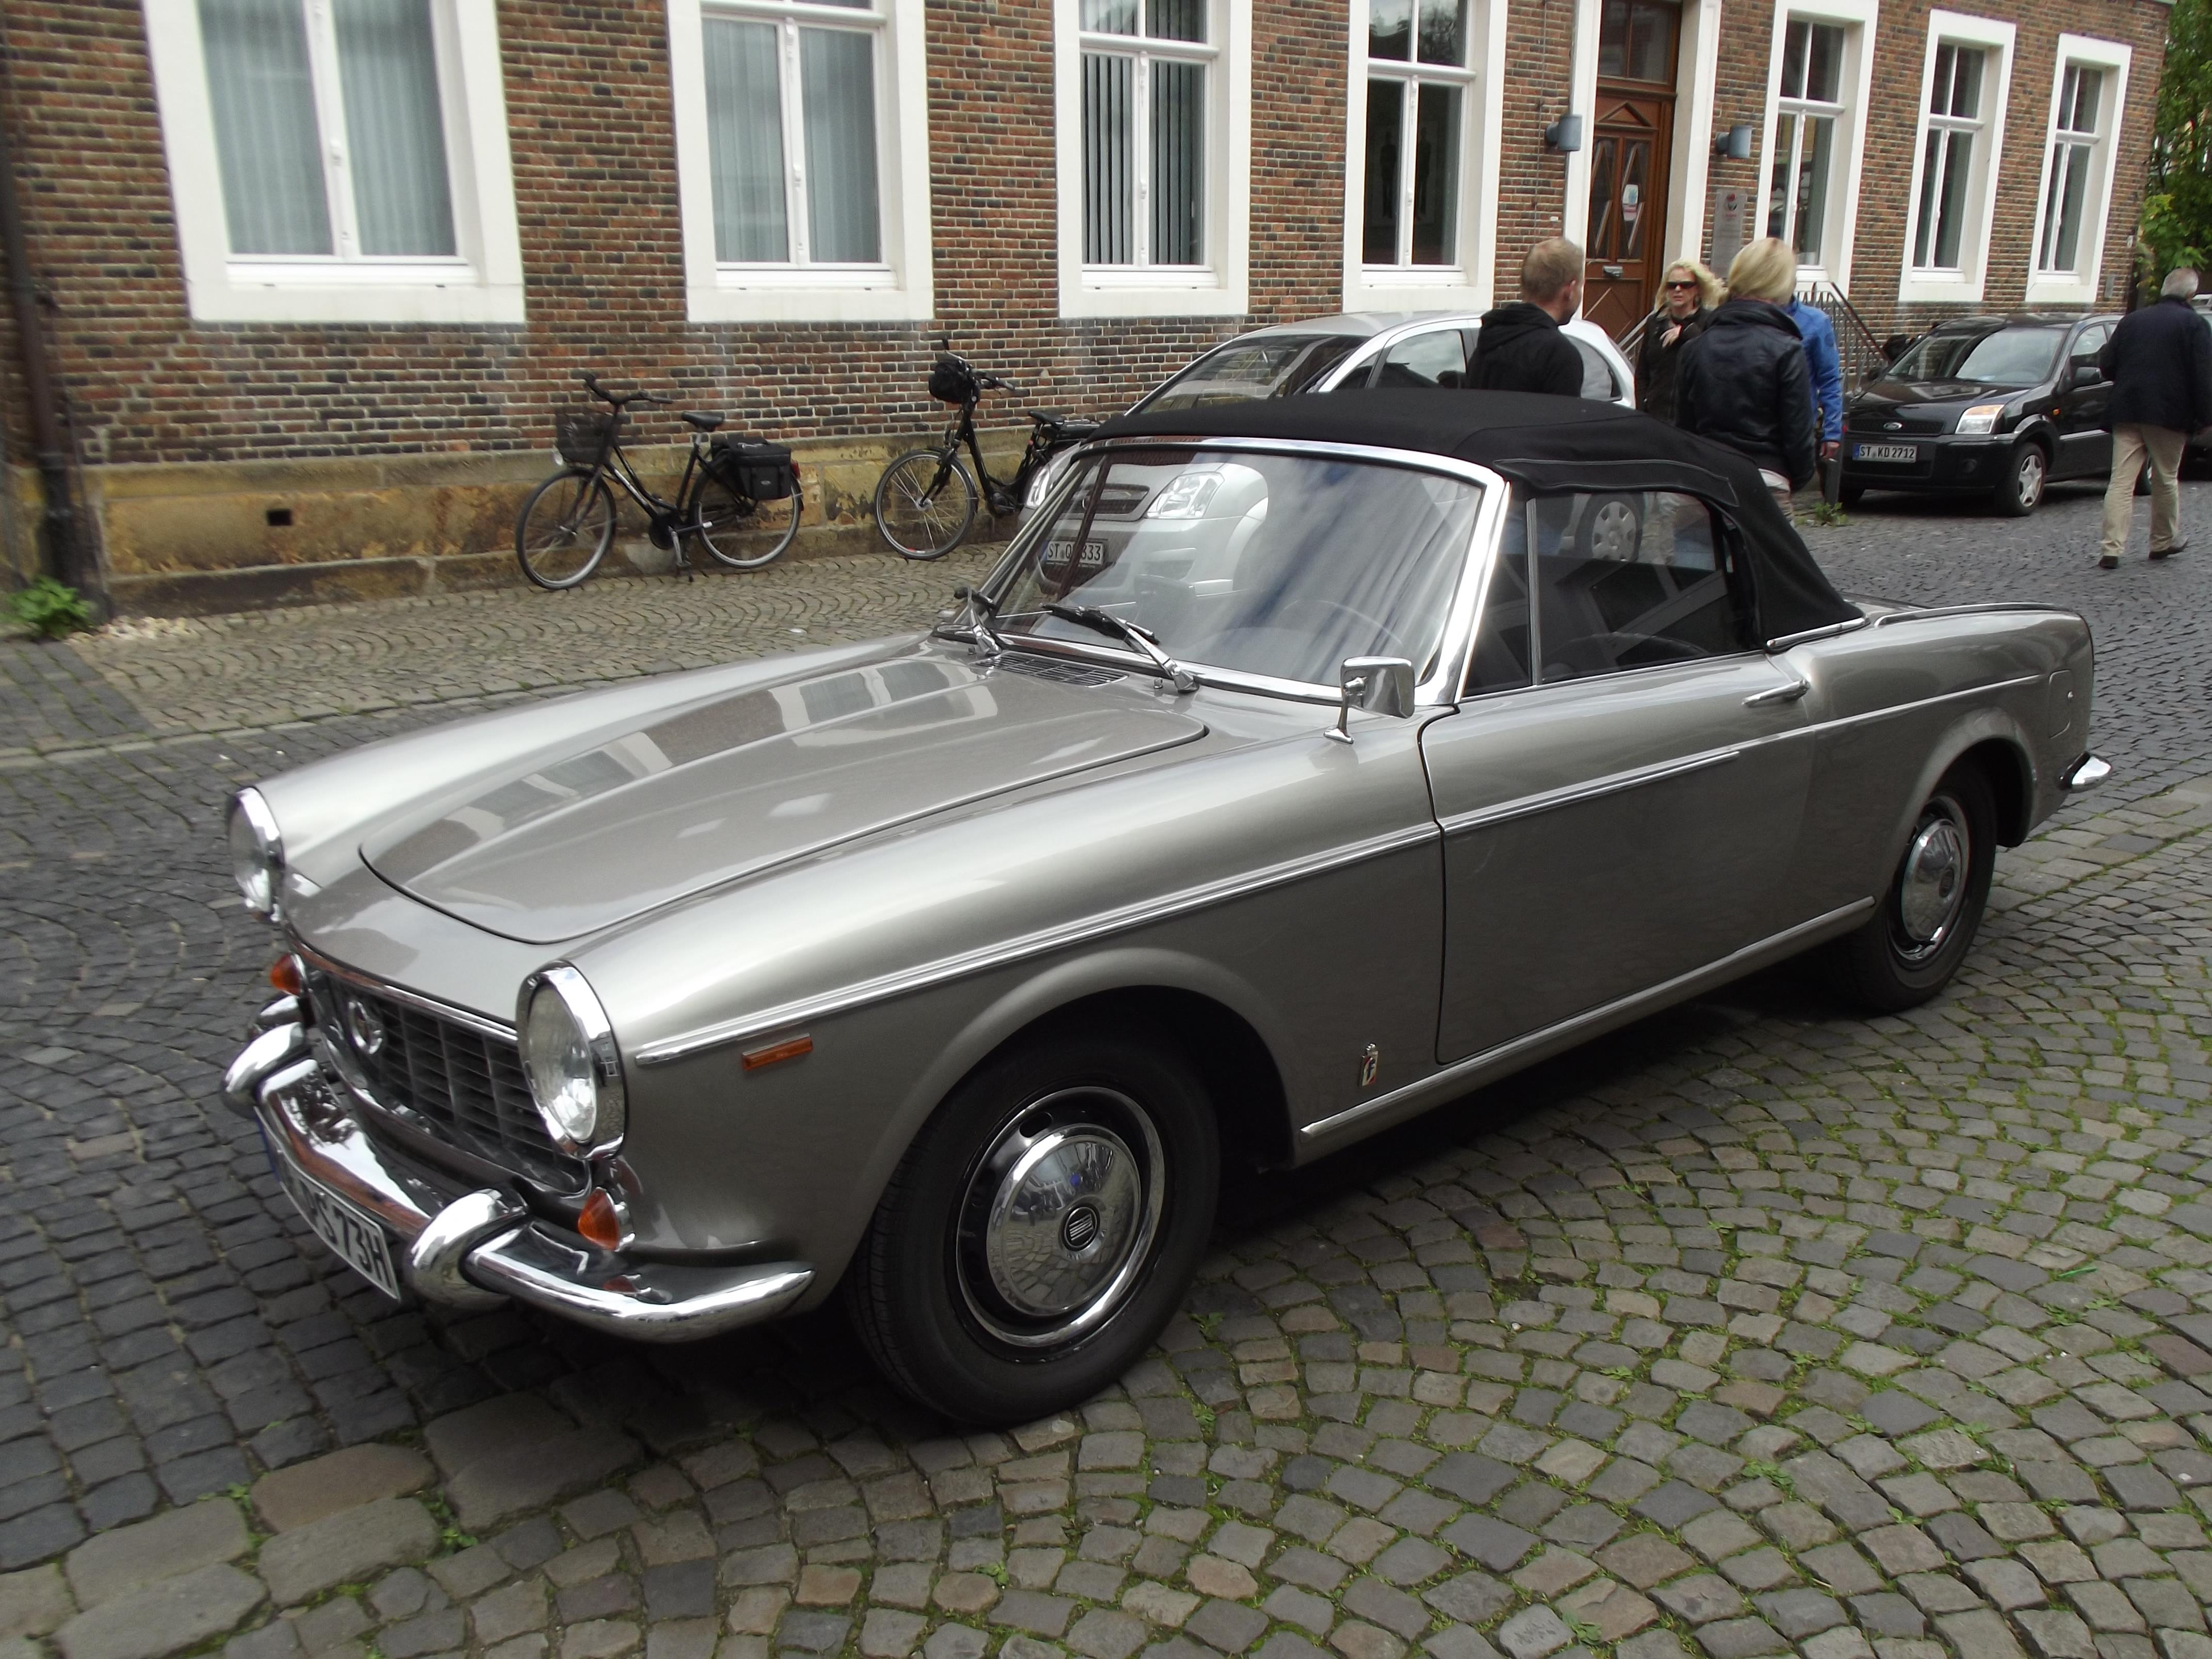 File:Fiat 1500 in 2014.JPG - Wikimedia Commons